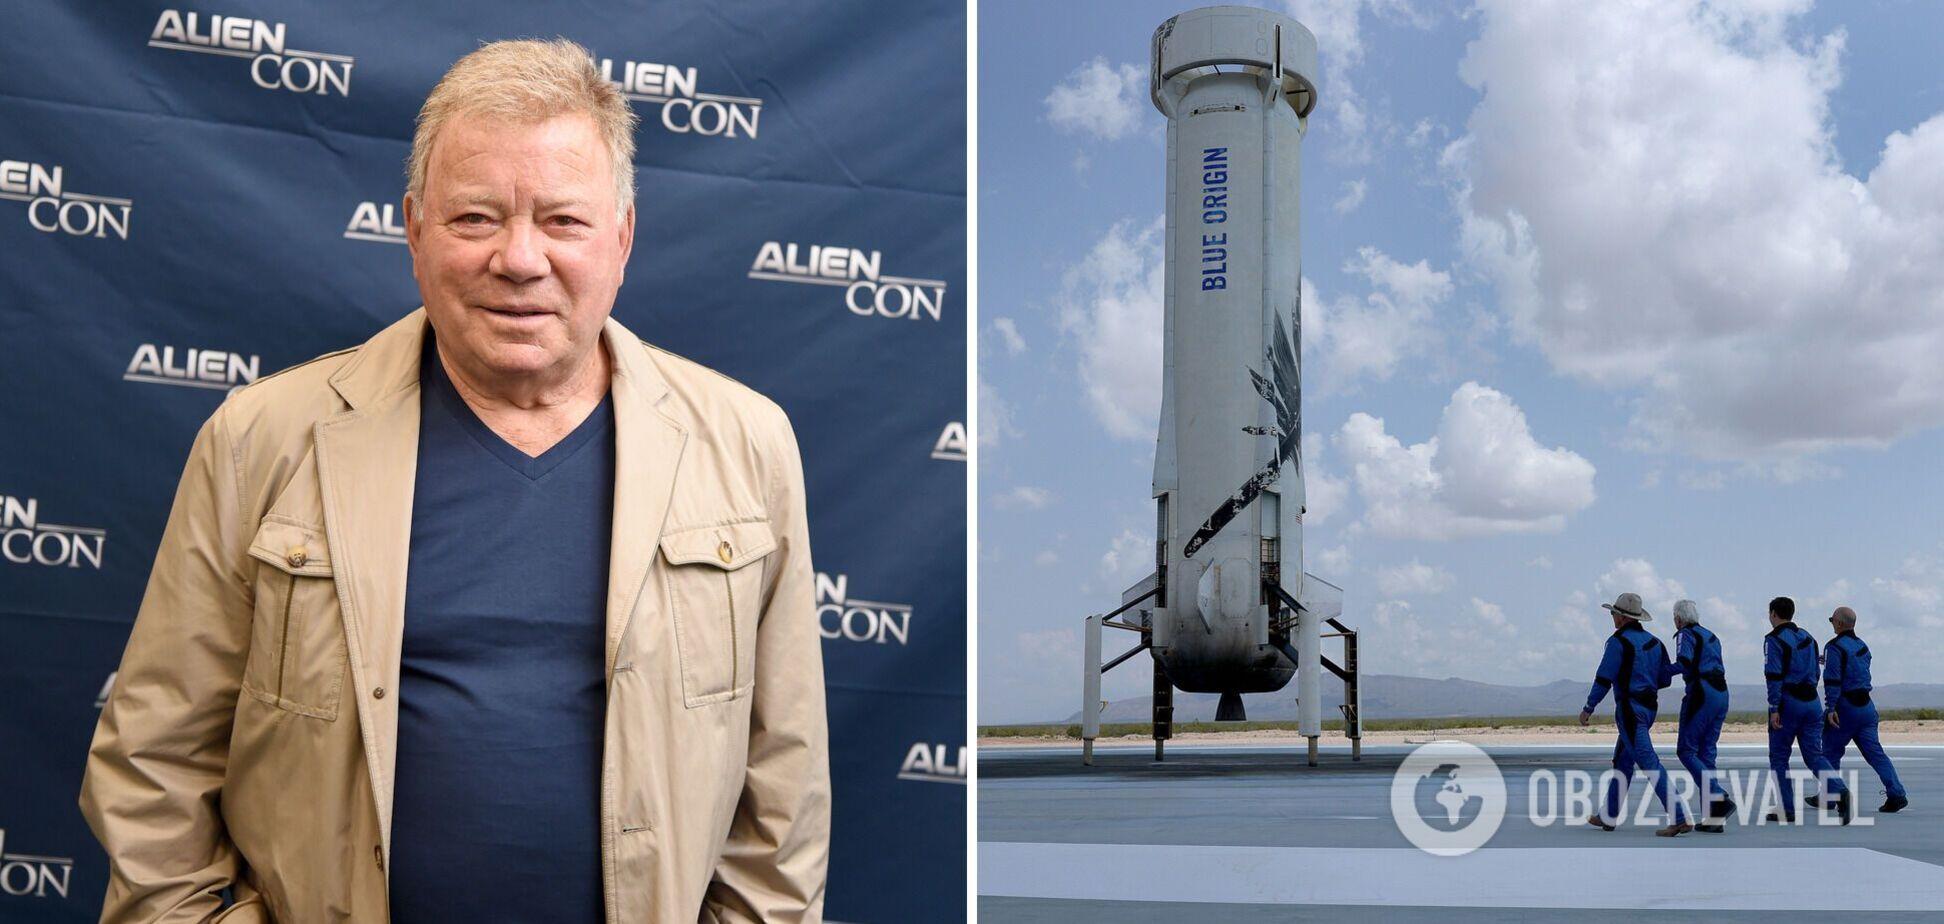 Зірка серіалу 'Зоряний шлях' стане космічним туристом на кораблі Безоса